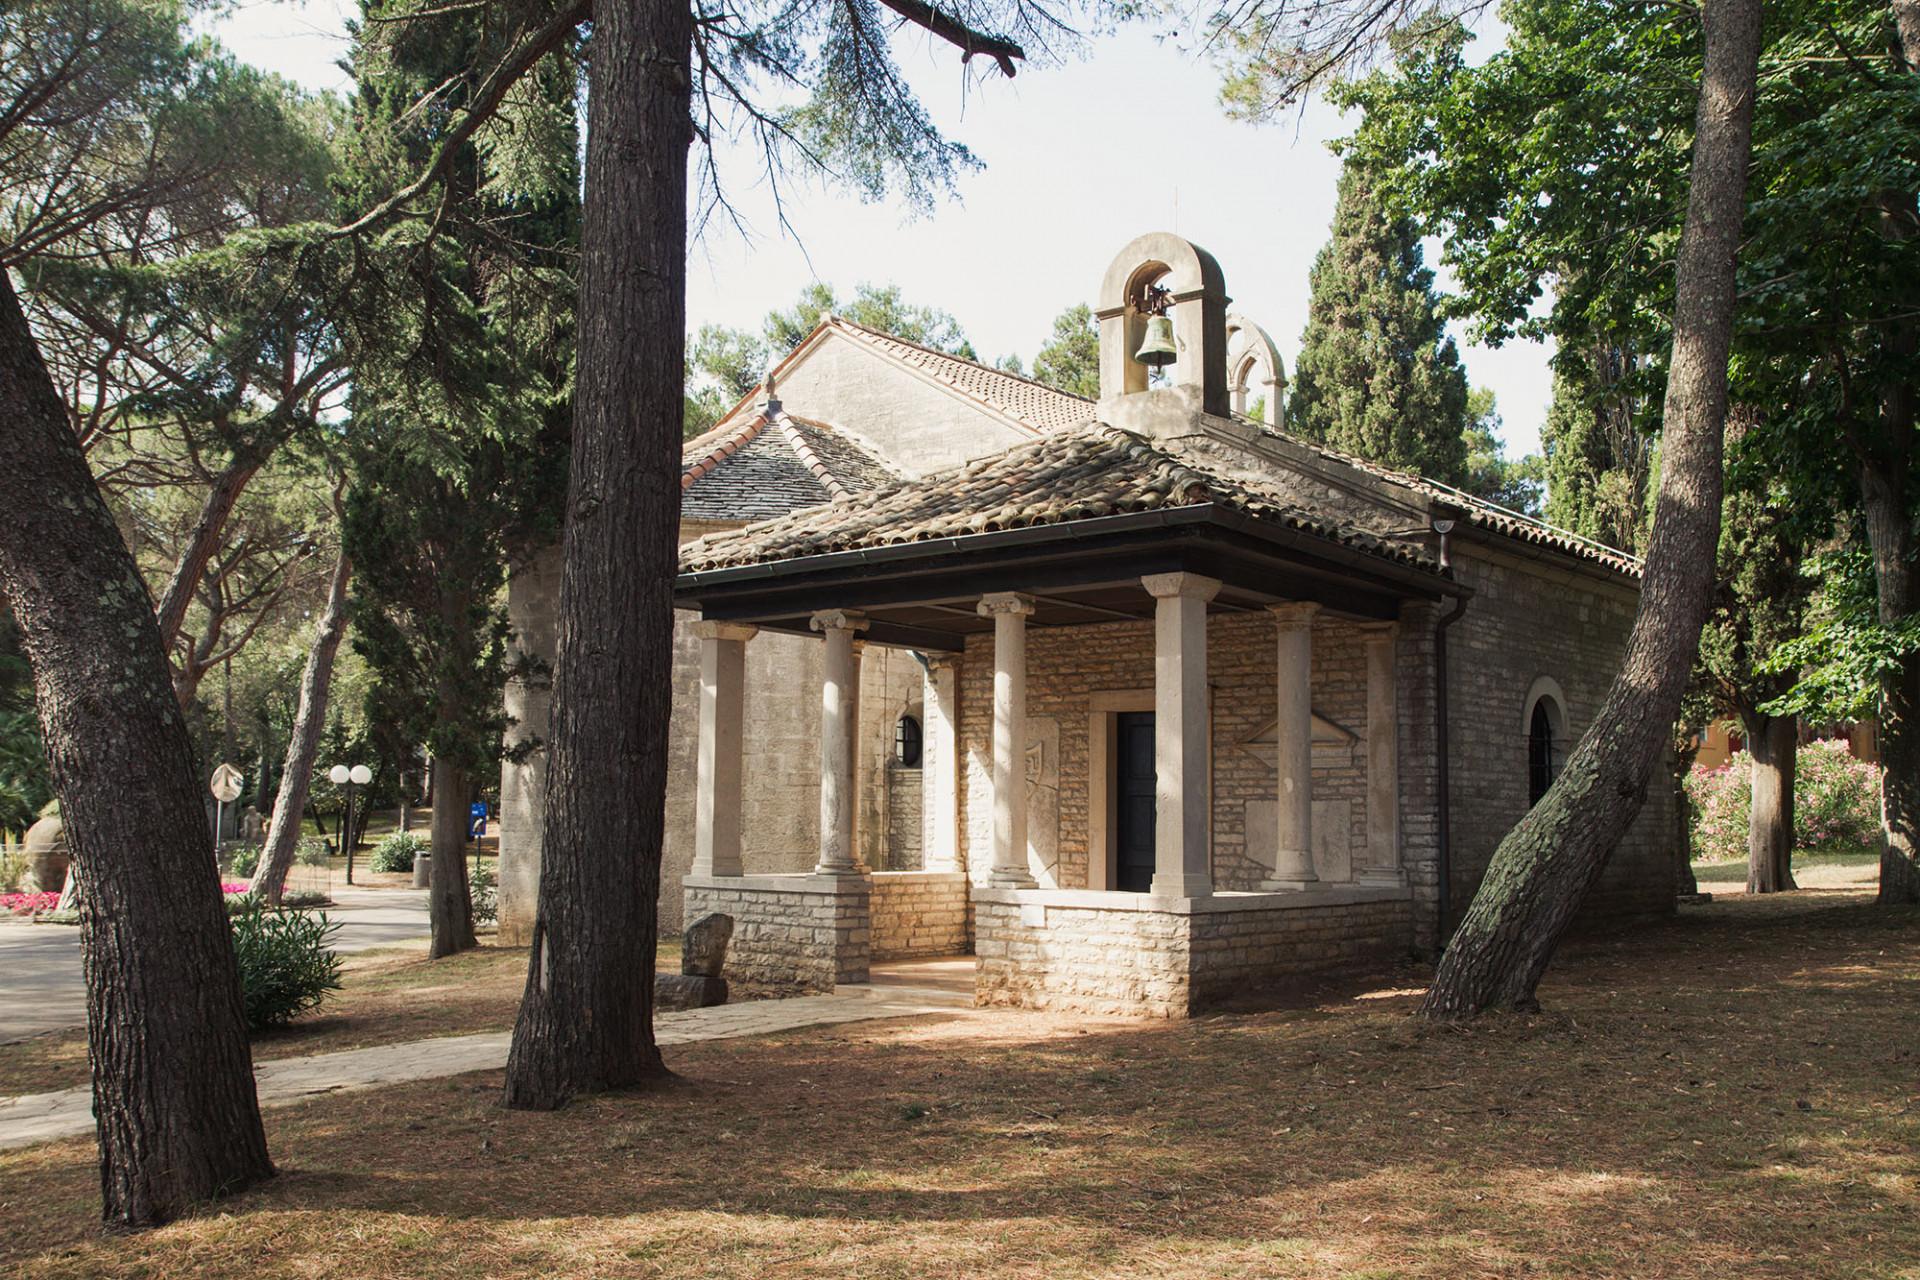 crkva sv germana sakristija richard mardens